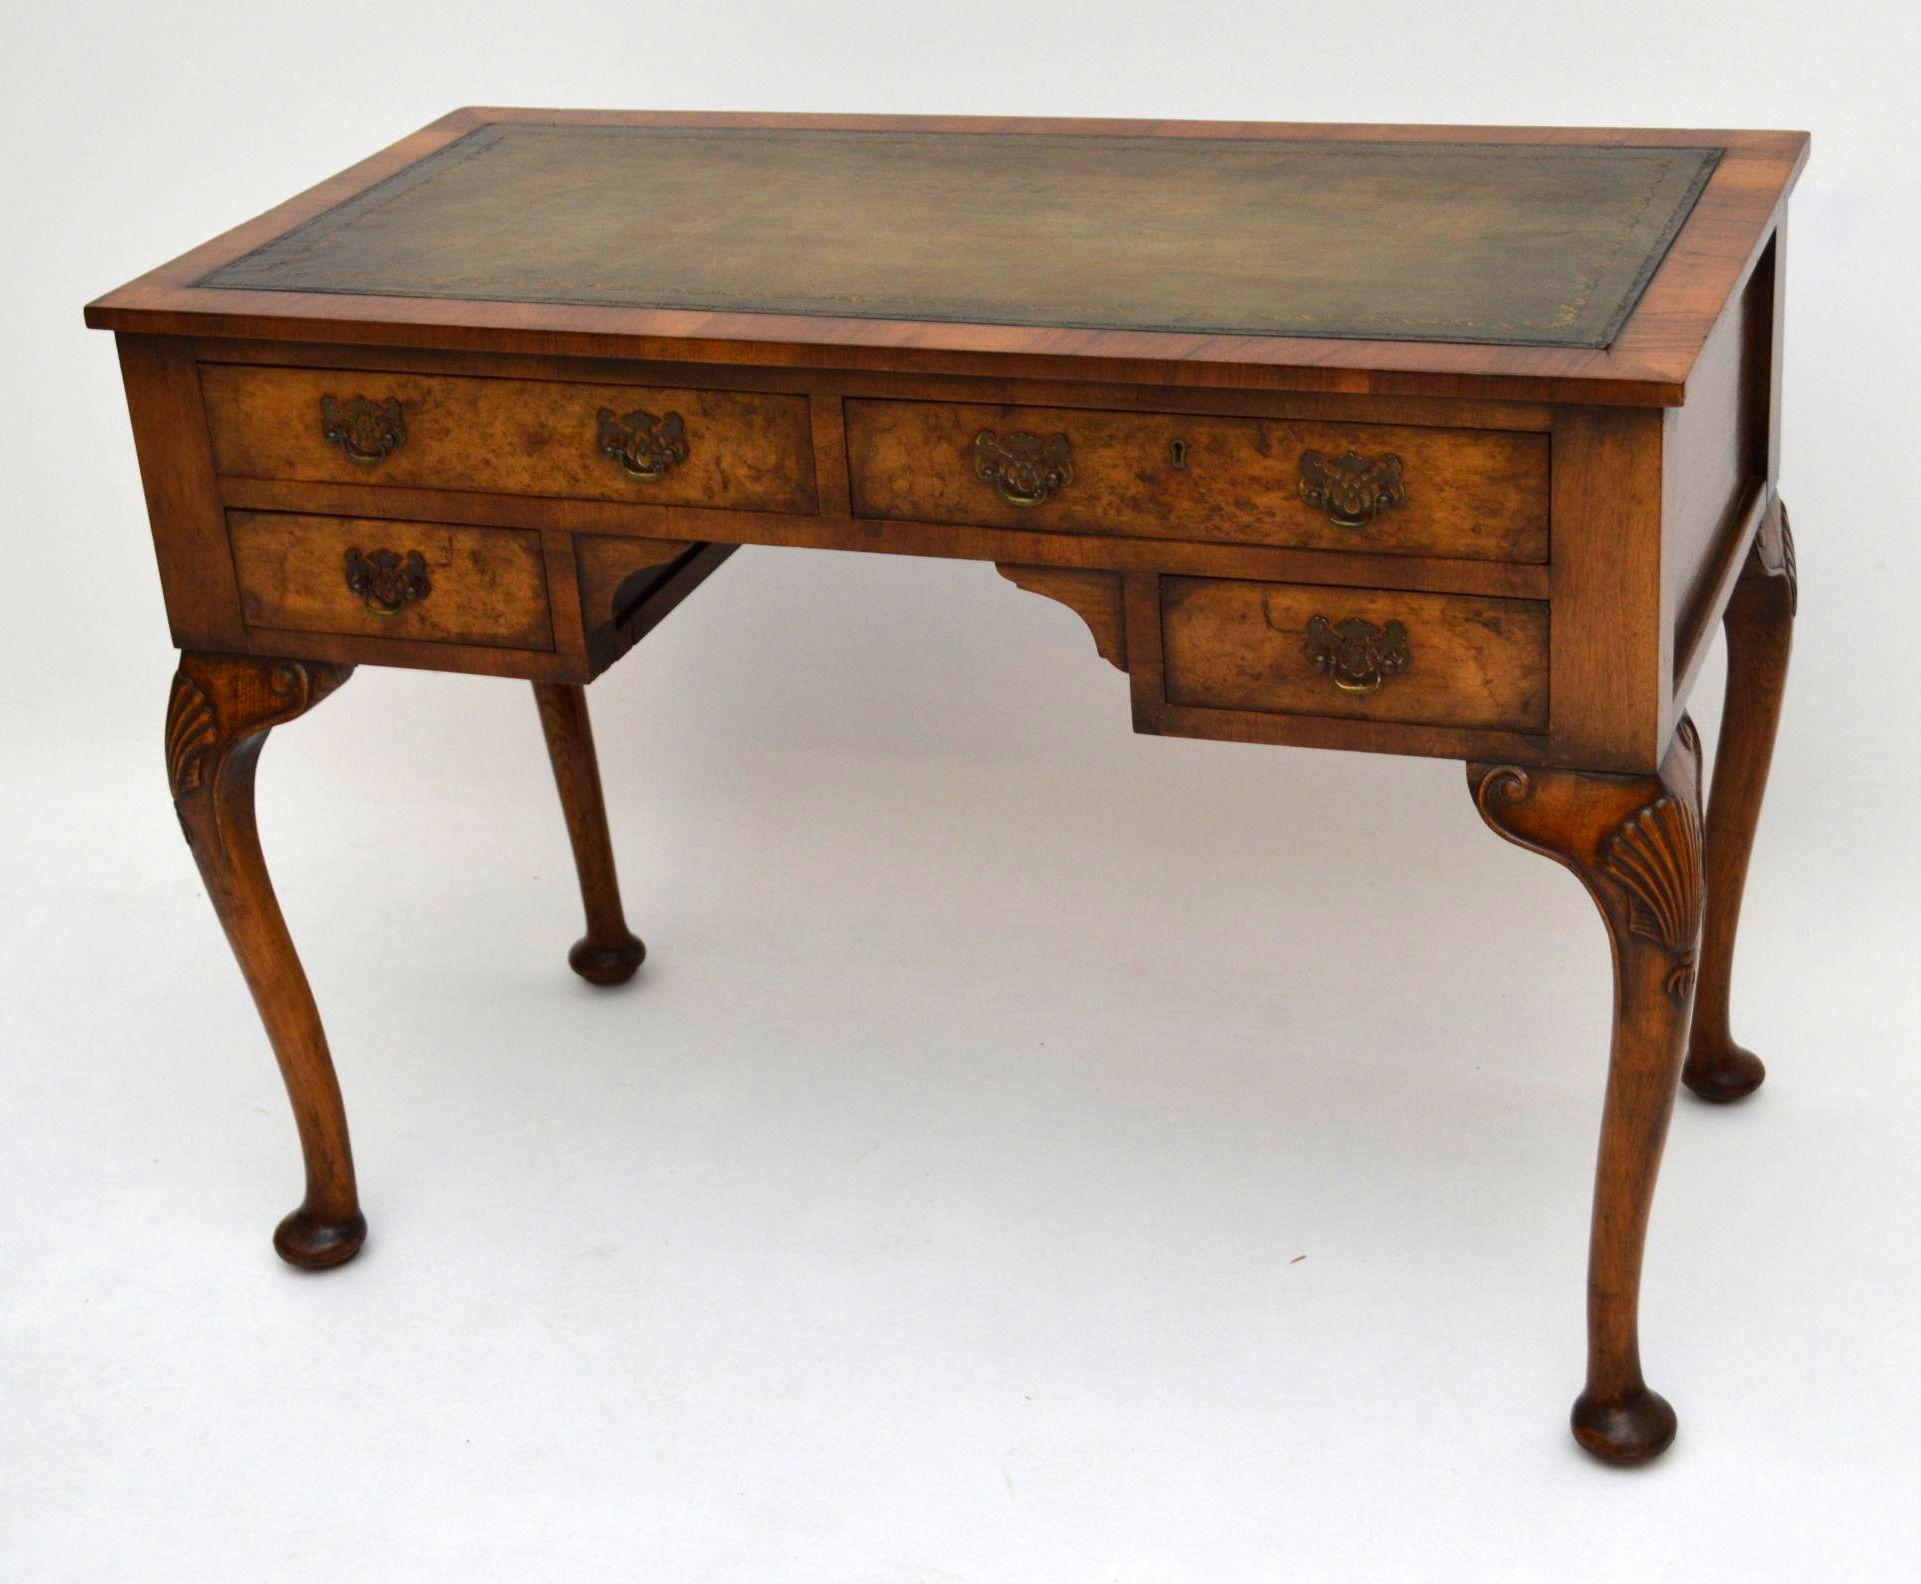 Schreibtisch antik aus walnuss holz for Schmaler schreibtisch aus holz